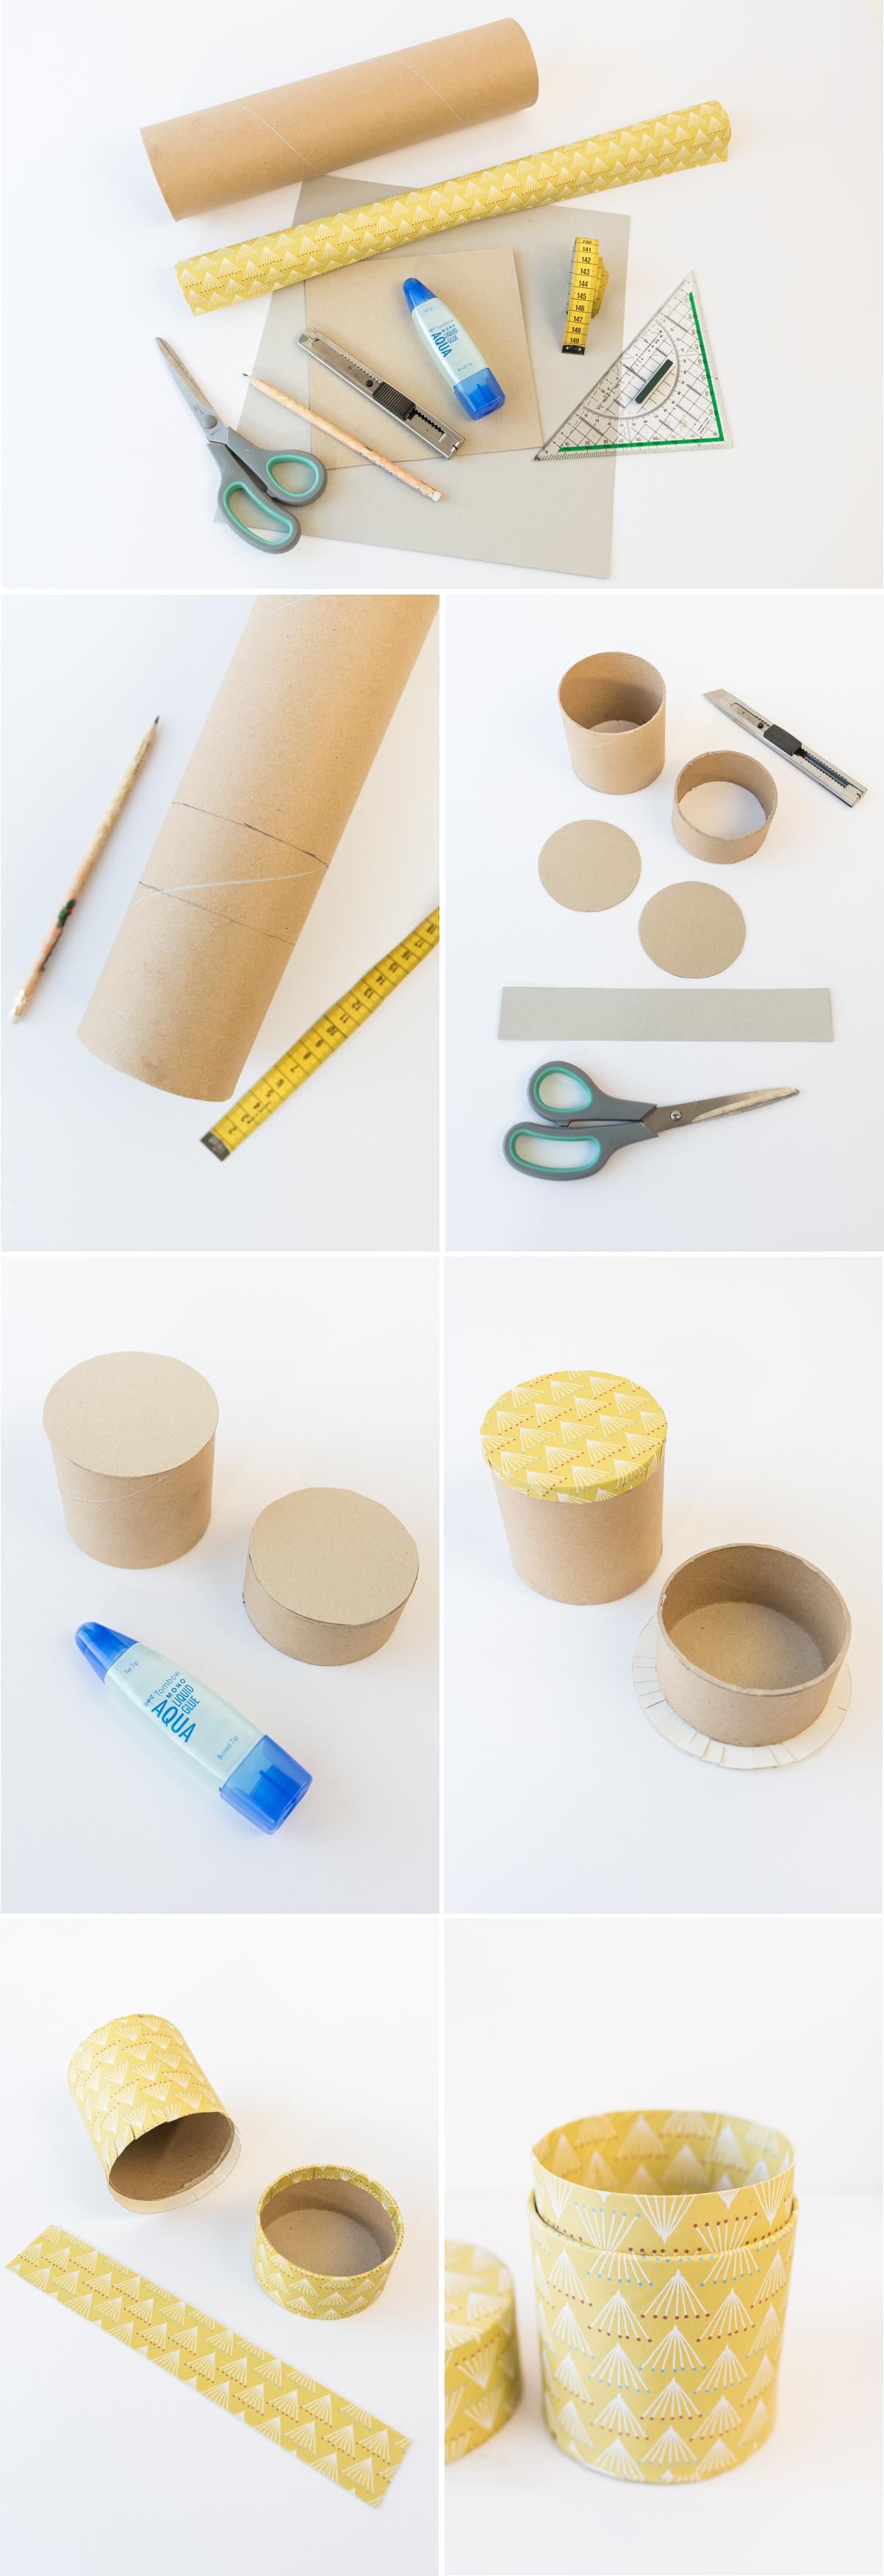 Anleitung für selbst gemachte DIY upcycling Dosen aus Papierrollen als Aufbewahrung und Deko für das Büro